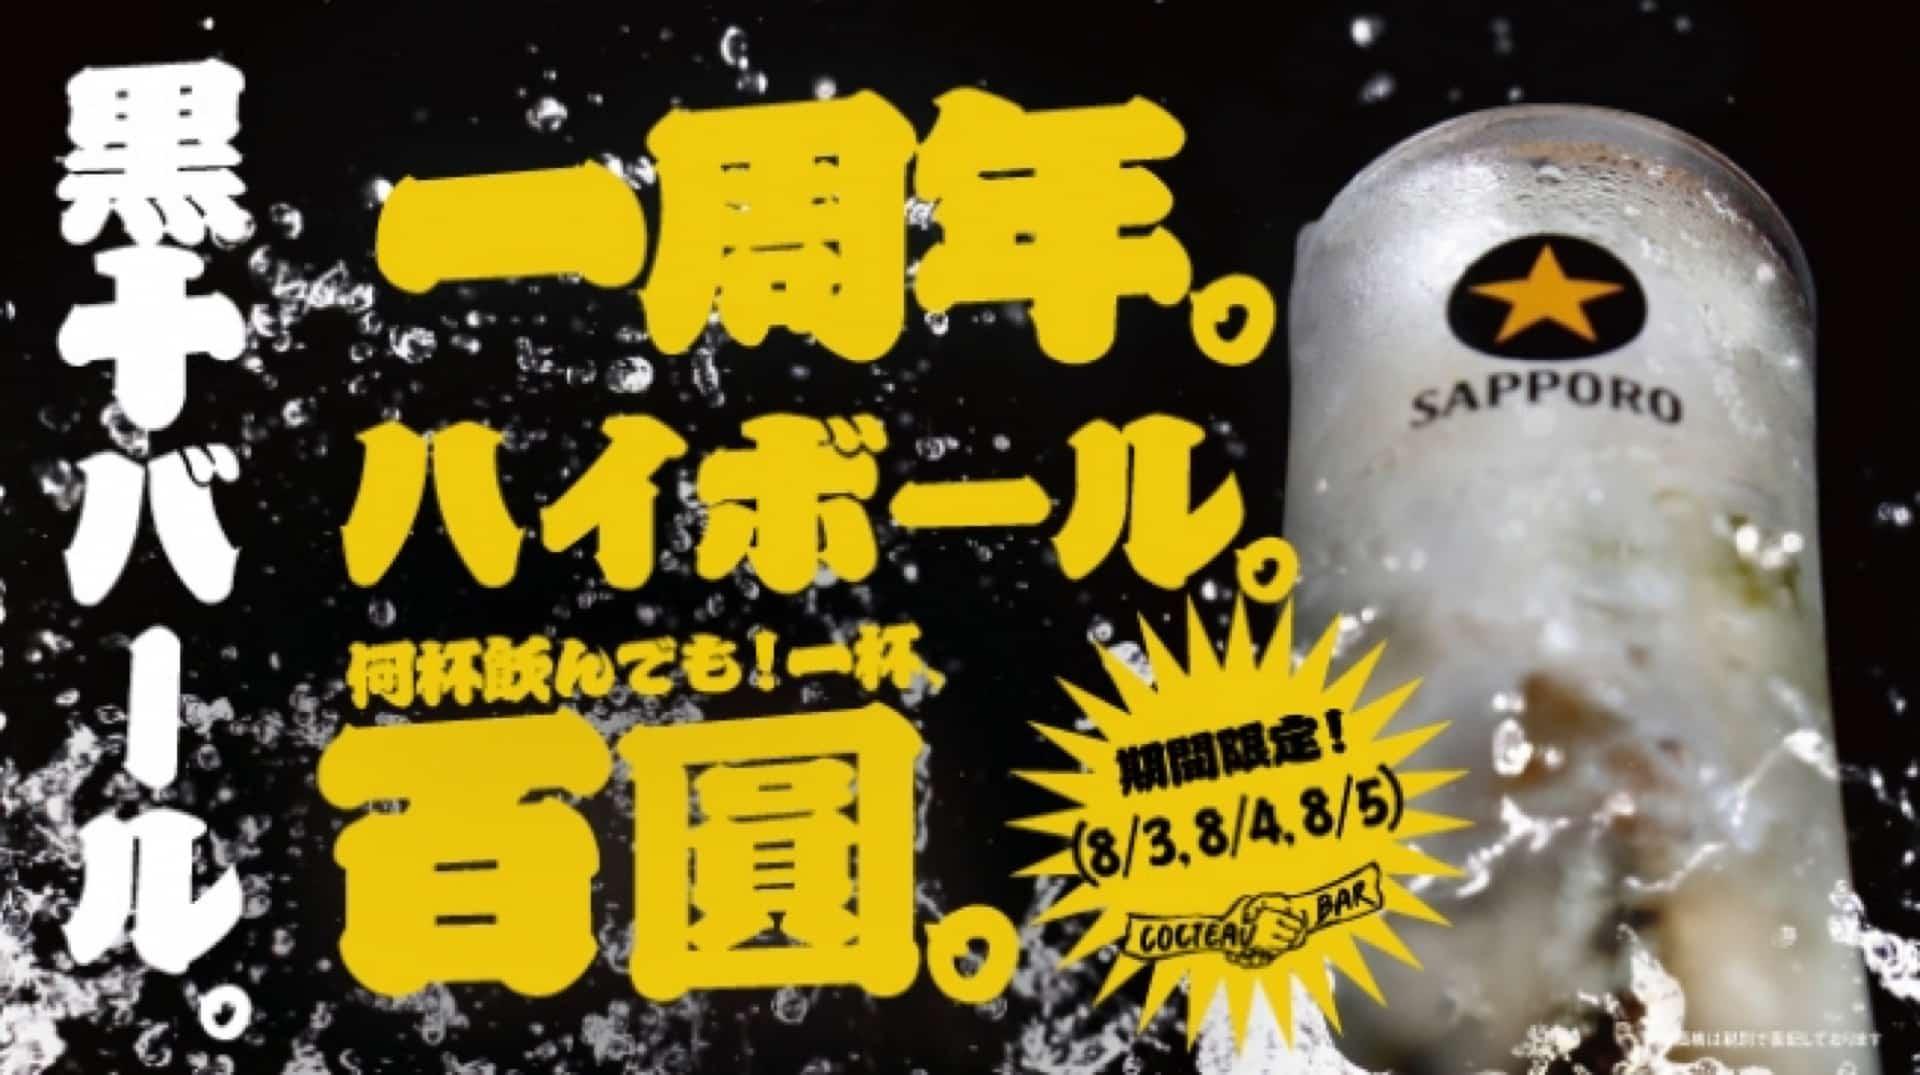 神戸・トアウエストの「黒十バール」で3日間限定でハイボールが100円!1周年を記念した見逃せないイベント